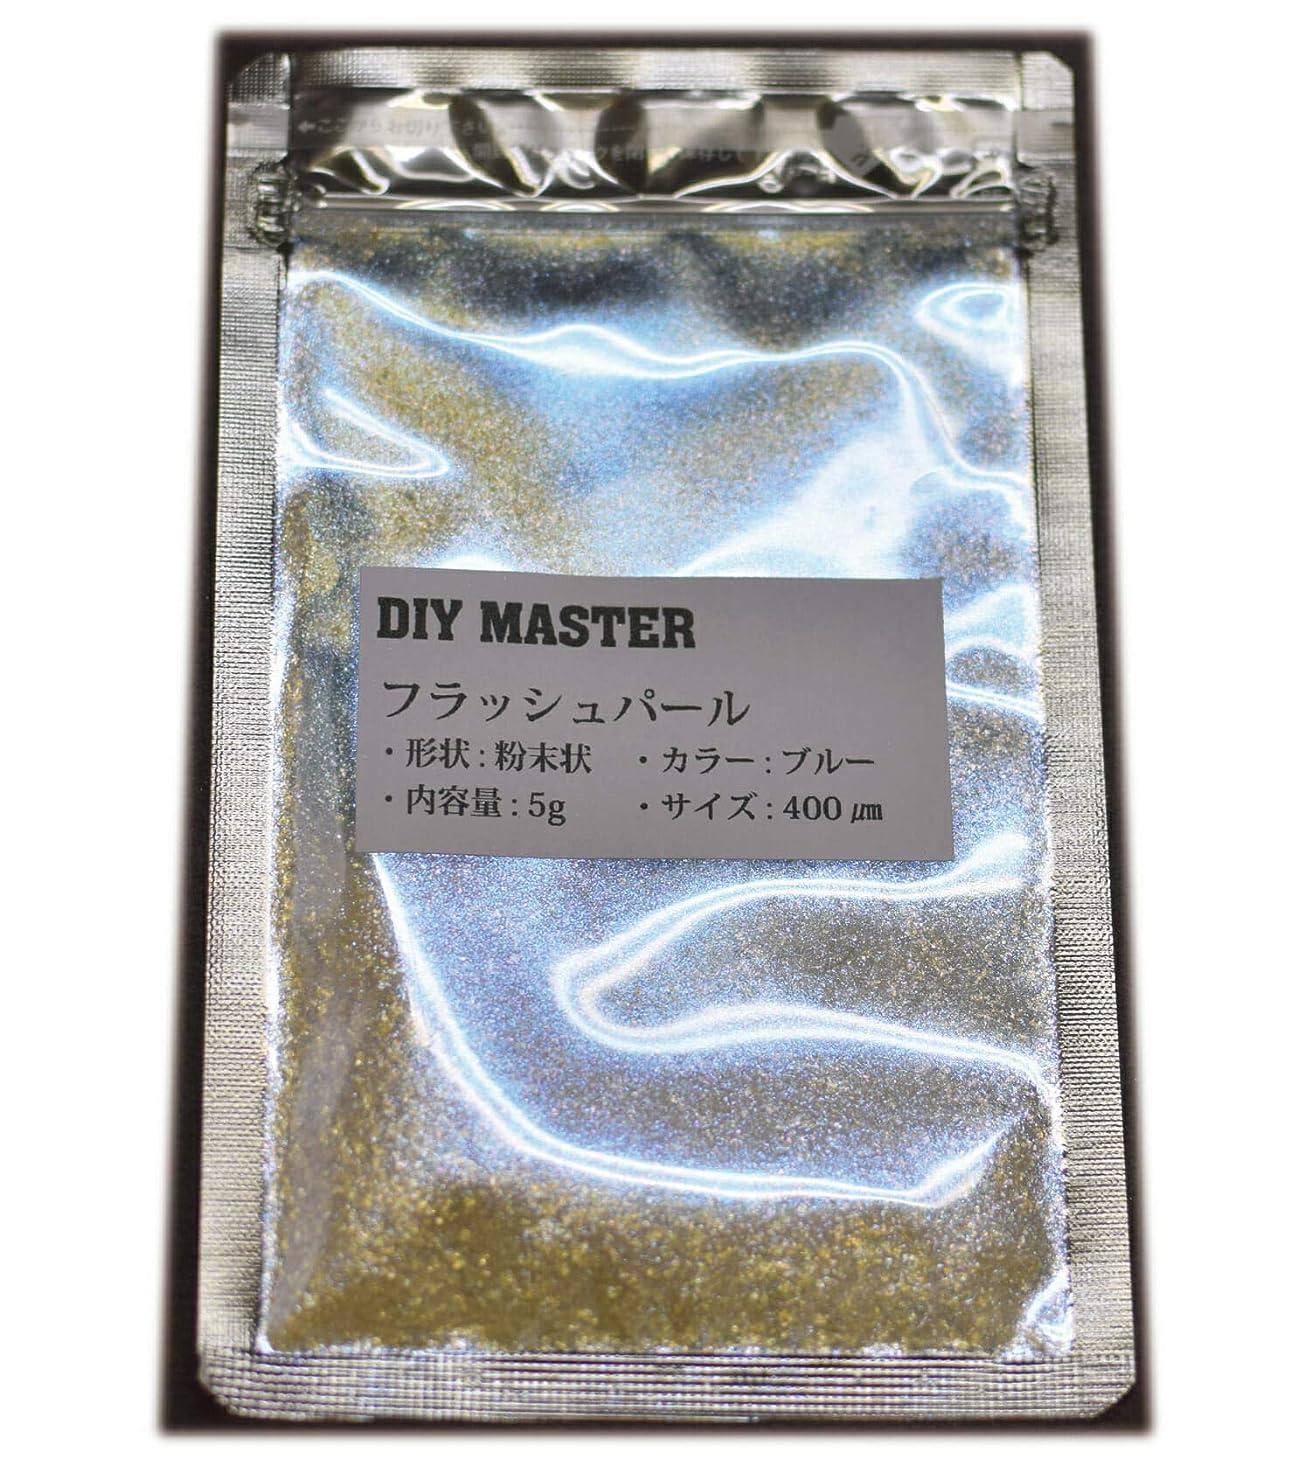 識字醜いつなぐDIY MASTER フラッシュパール ブルー 5g (極粗目、ドライ)